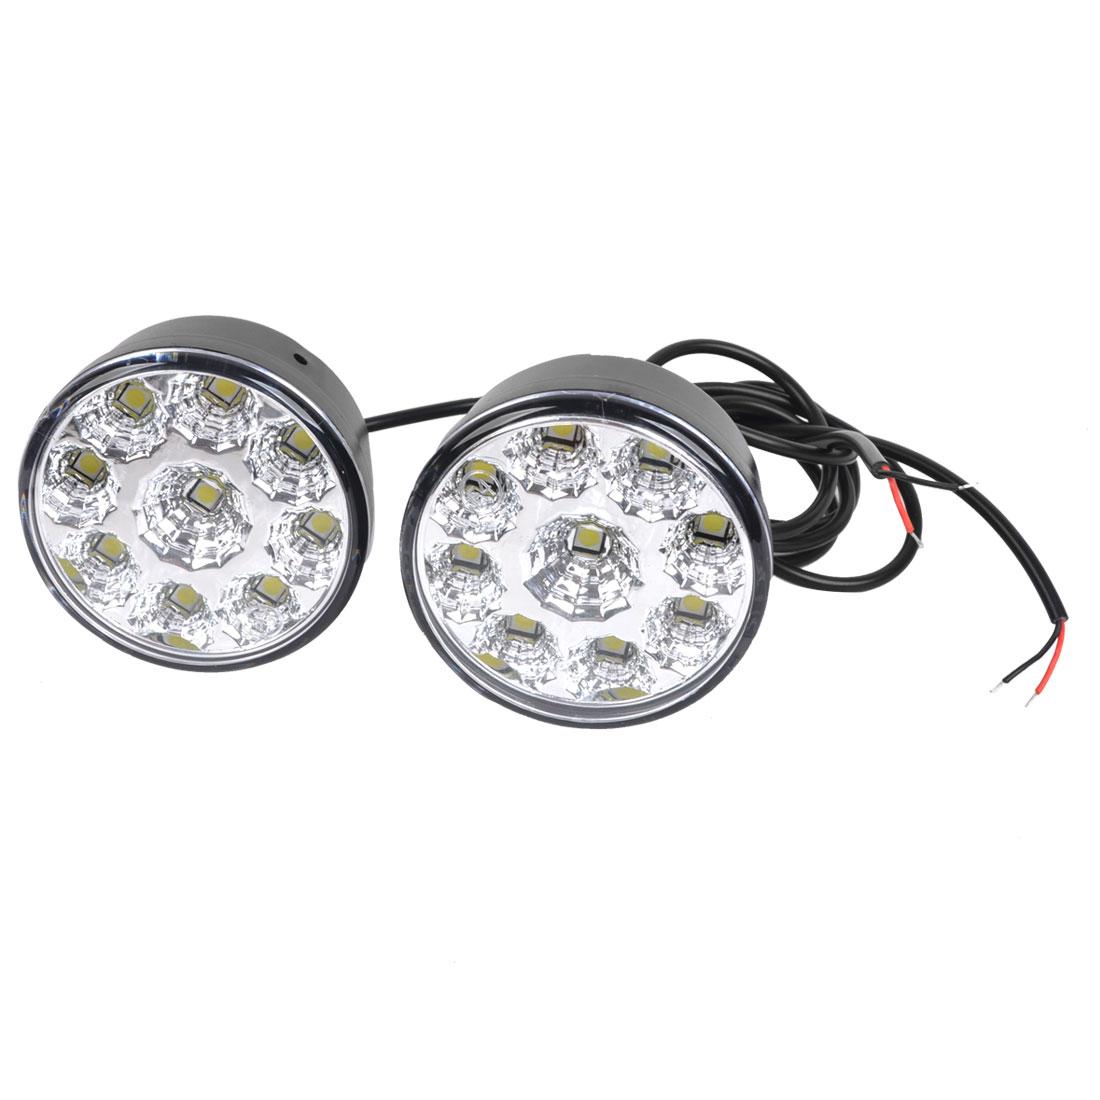 Pair Round Shape 9 LED White Car DRL Daytime Running Light Lamp 12V